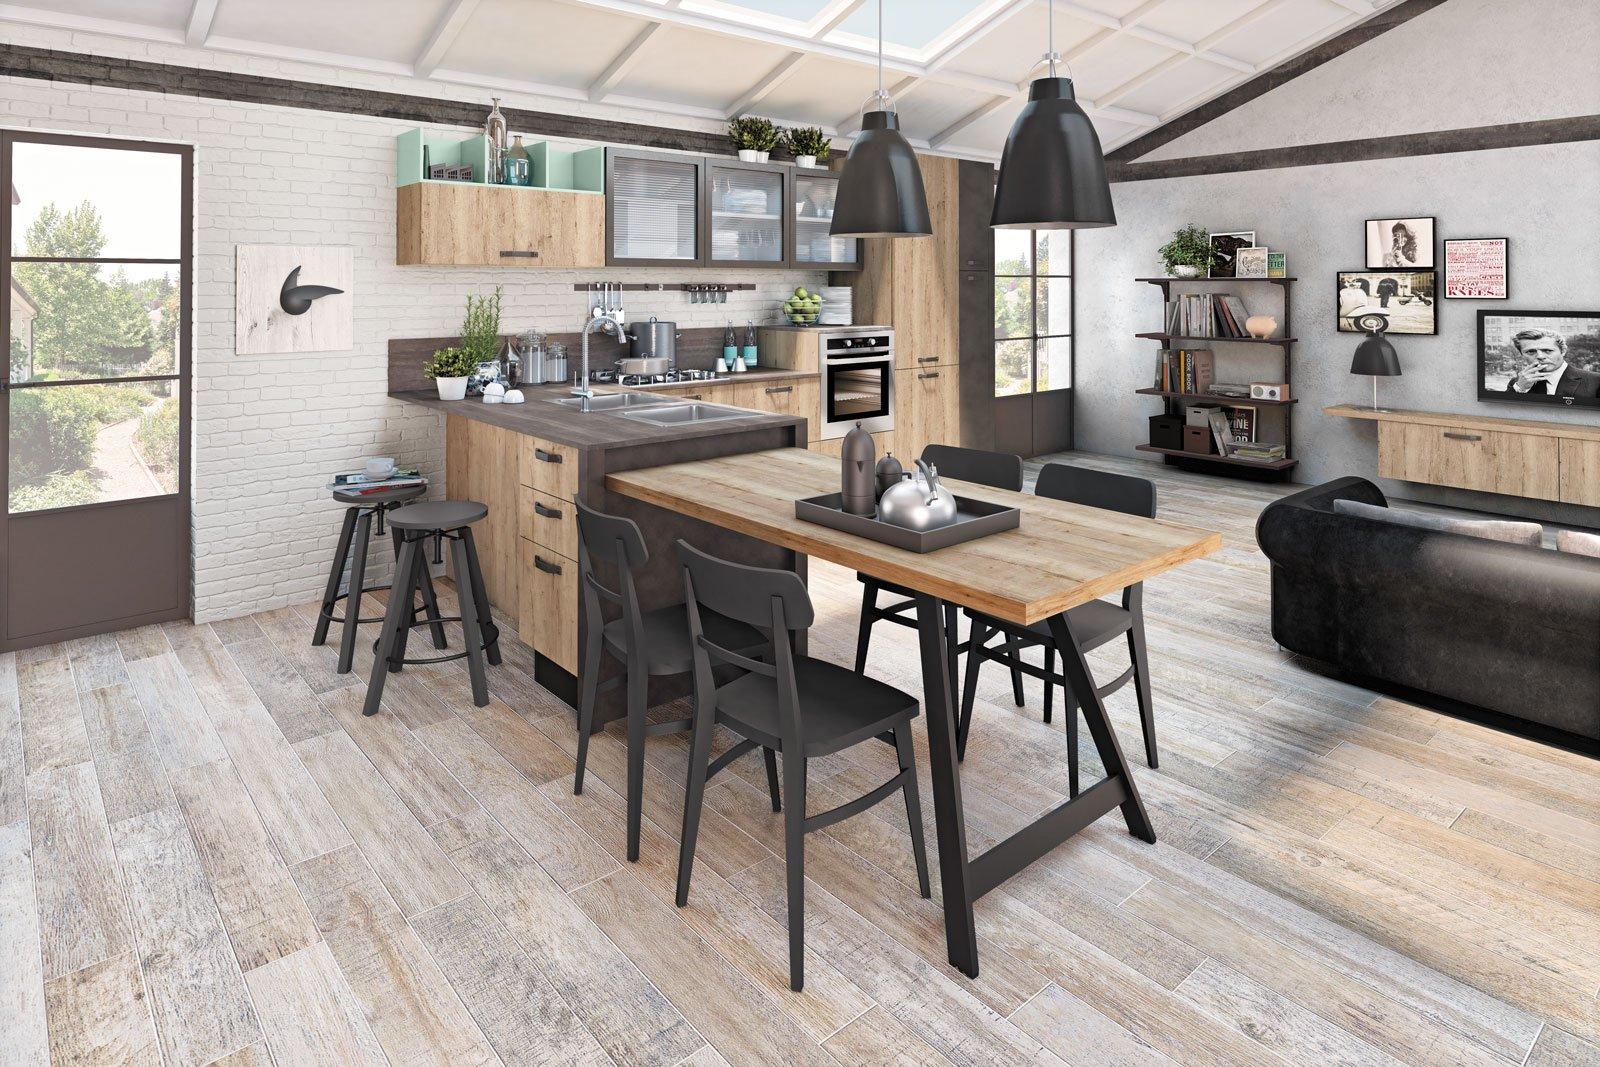 Arredamento cucine piccole cose di casa - Cucine con panca ...